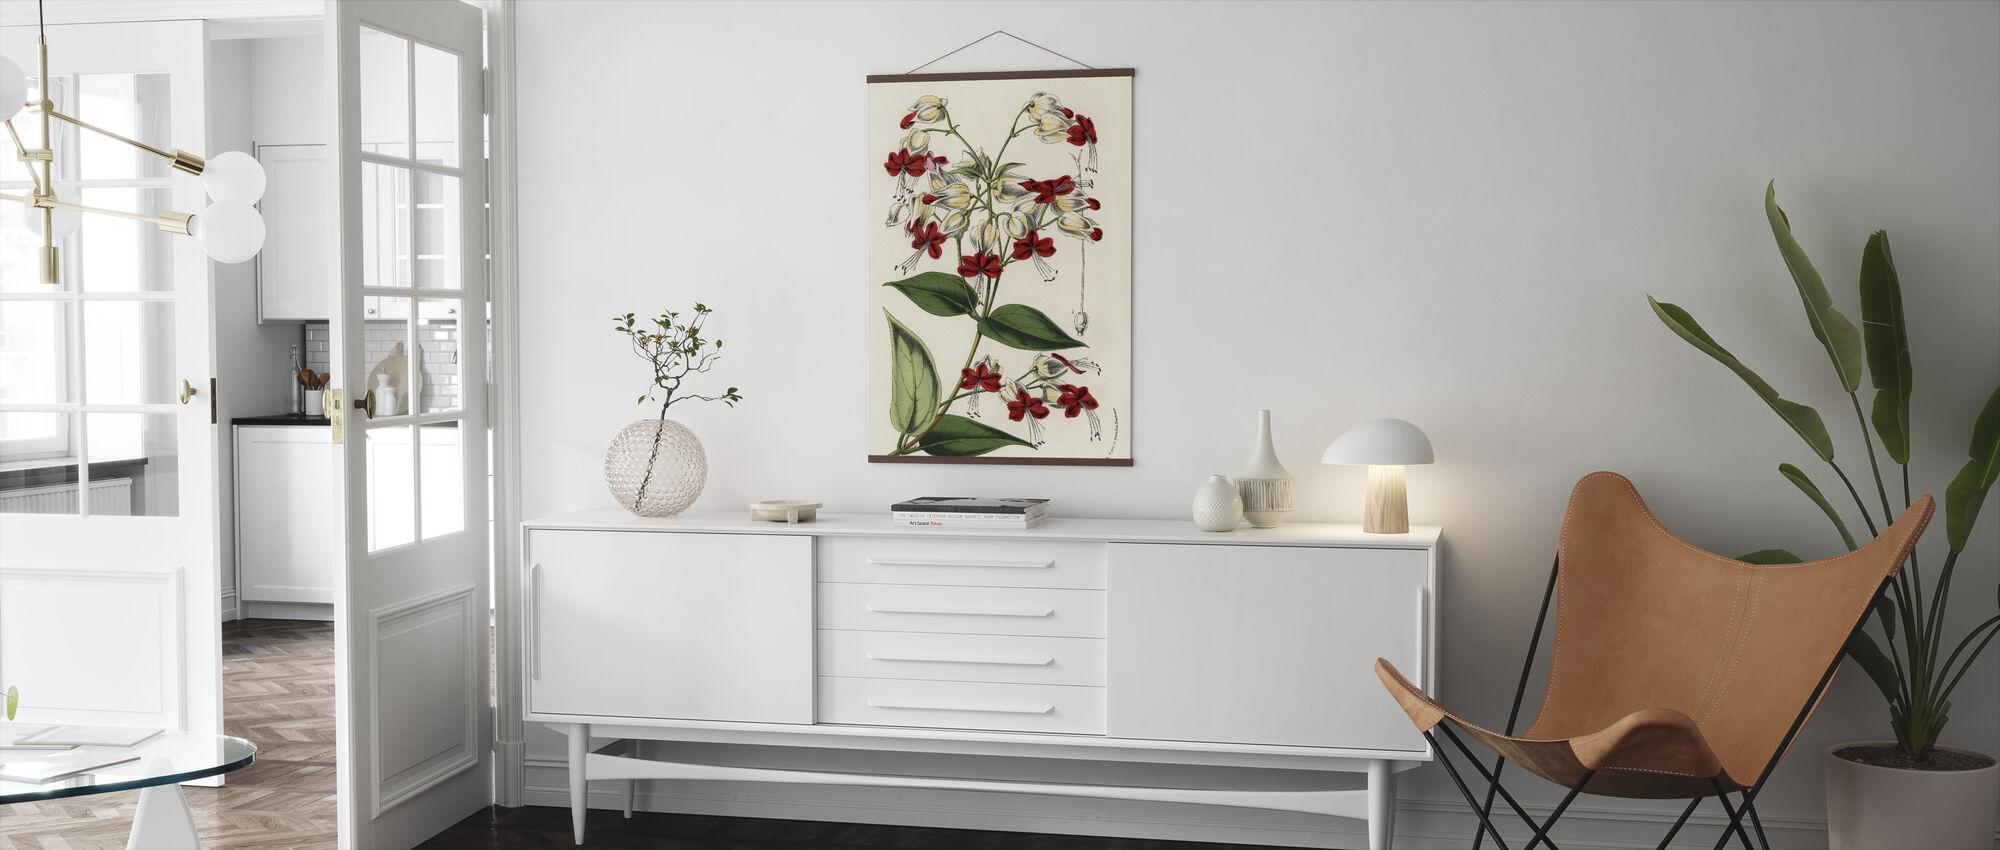 Bleeding Heart Vine - Poster - Living Room